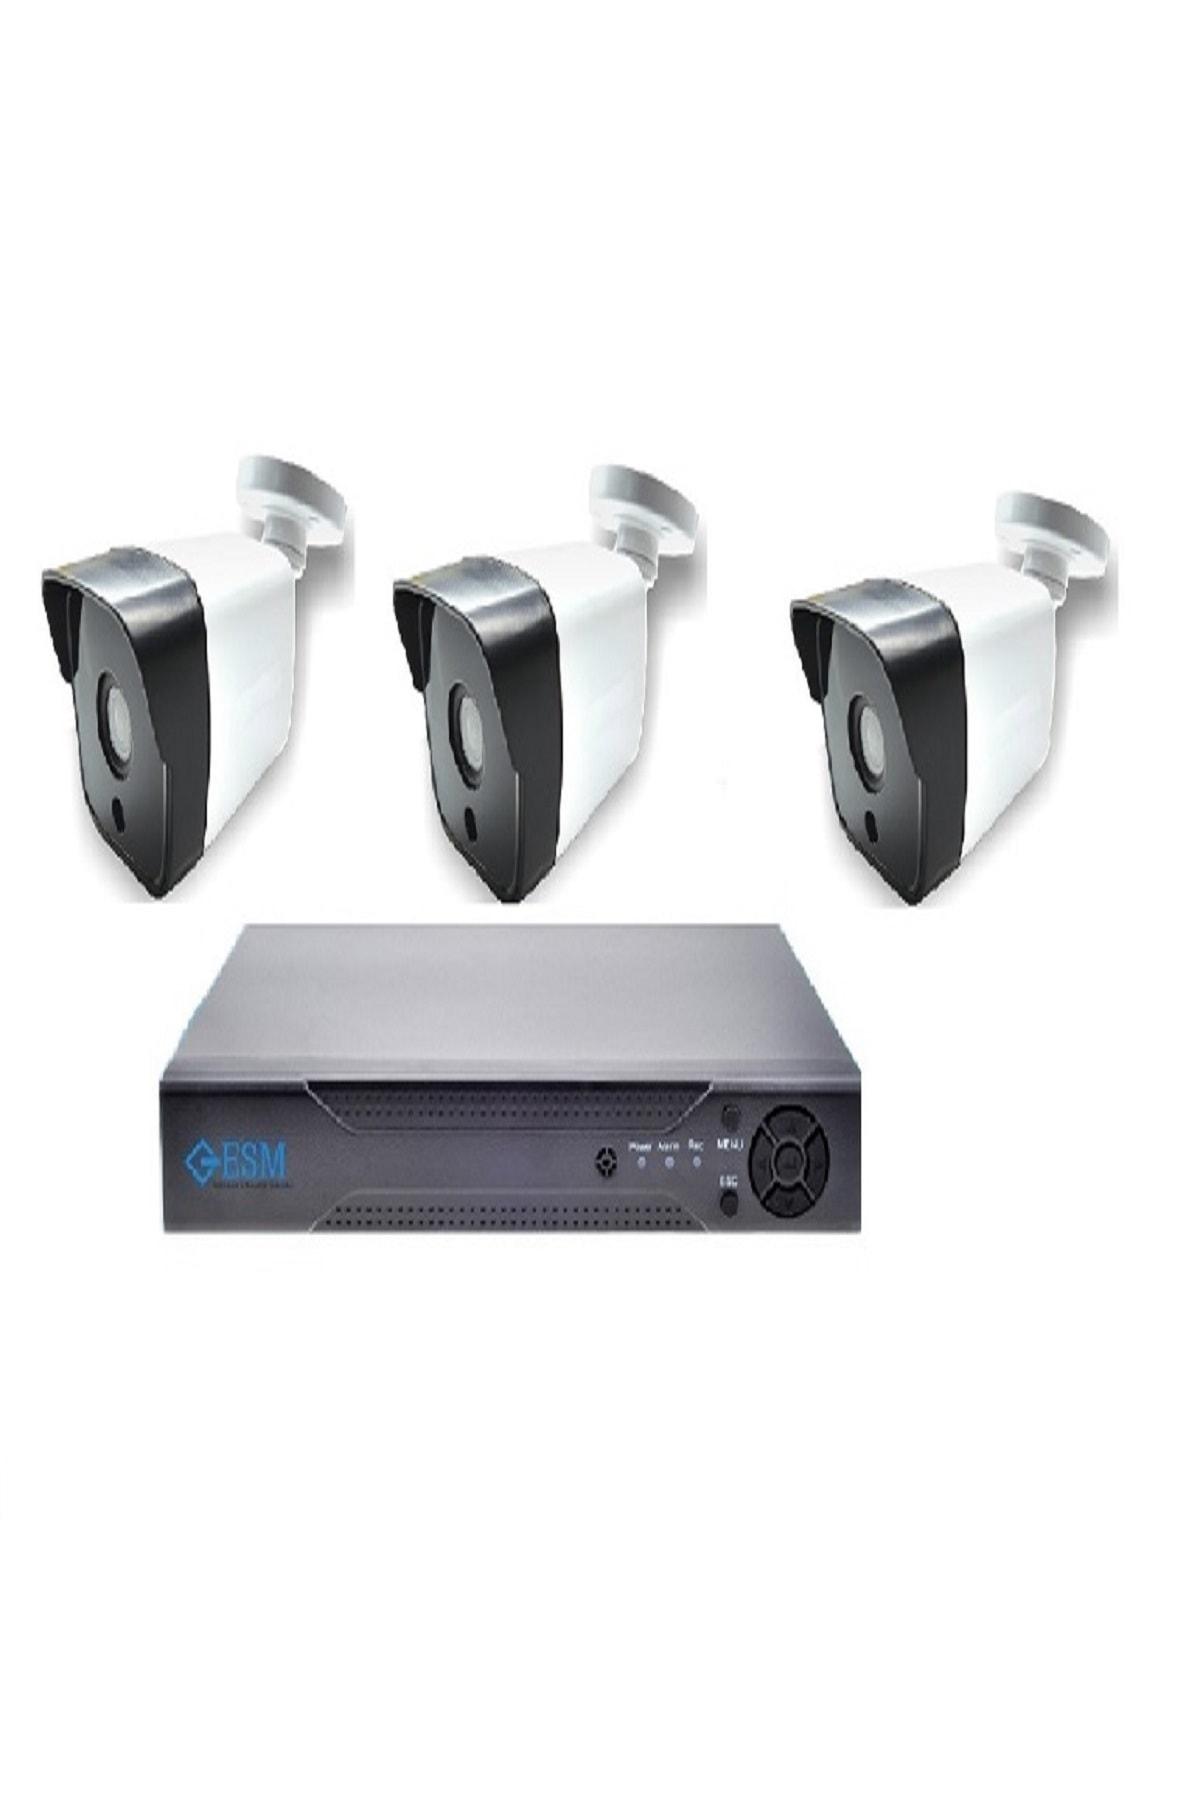 ESM TEKNOLOJİ 5 Mp Full Hd Gece Goruslu 3 Lu Güvenlik Kamera Sistemi  Fiyatı, Yorumları - Trendyol